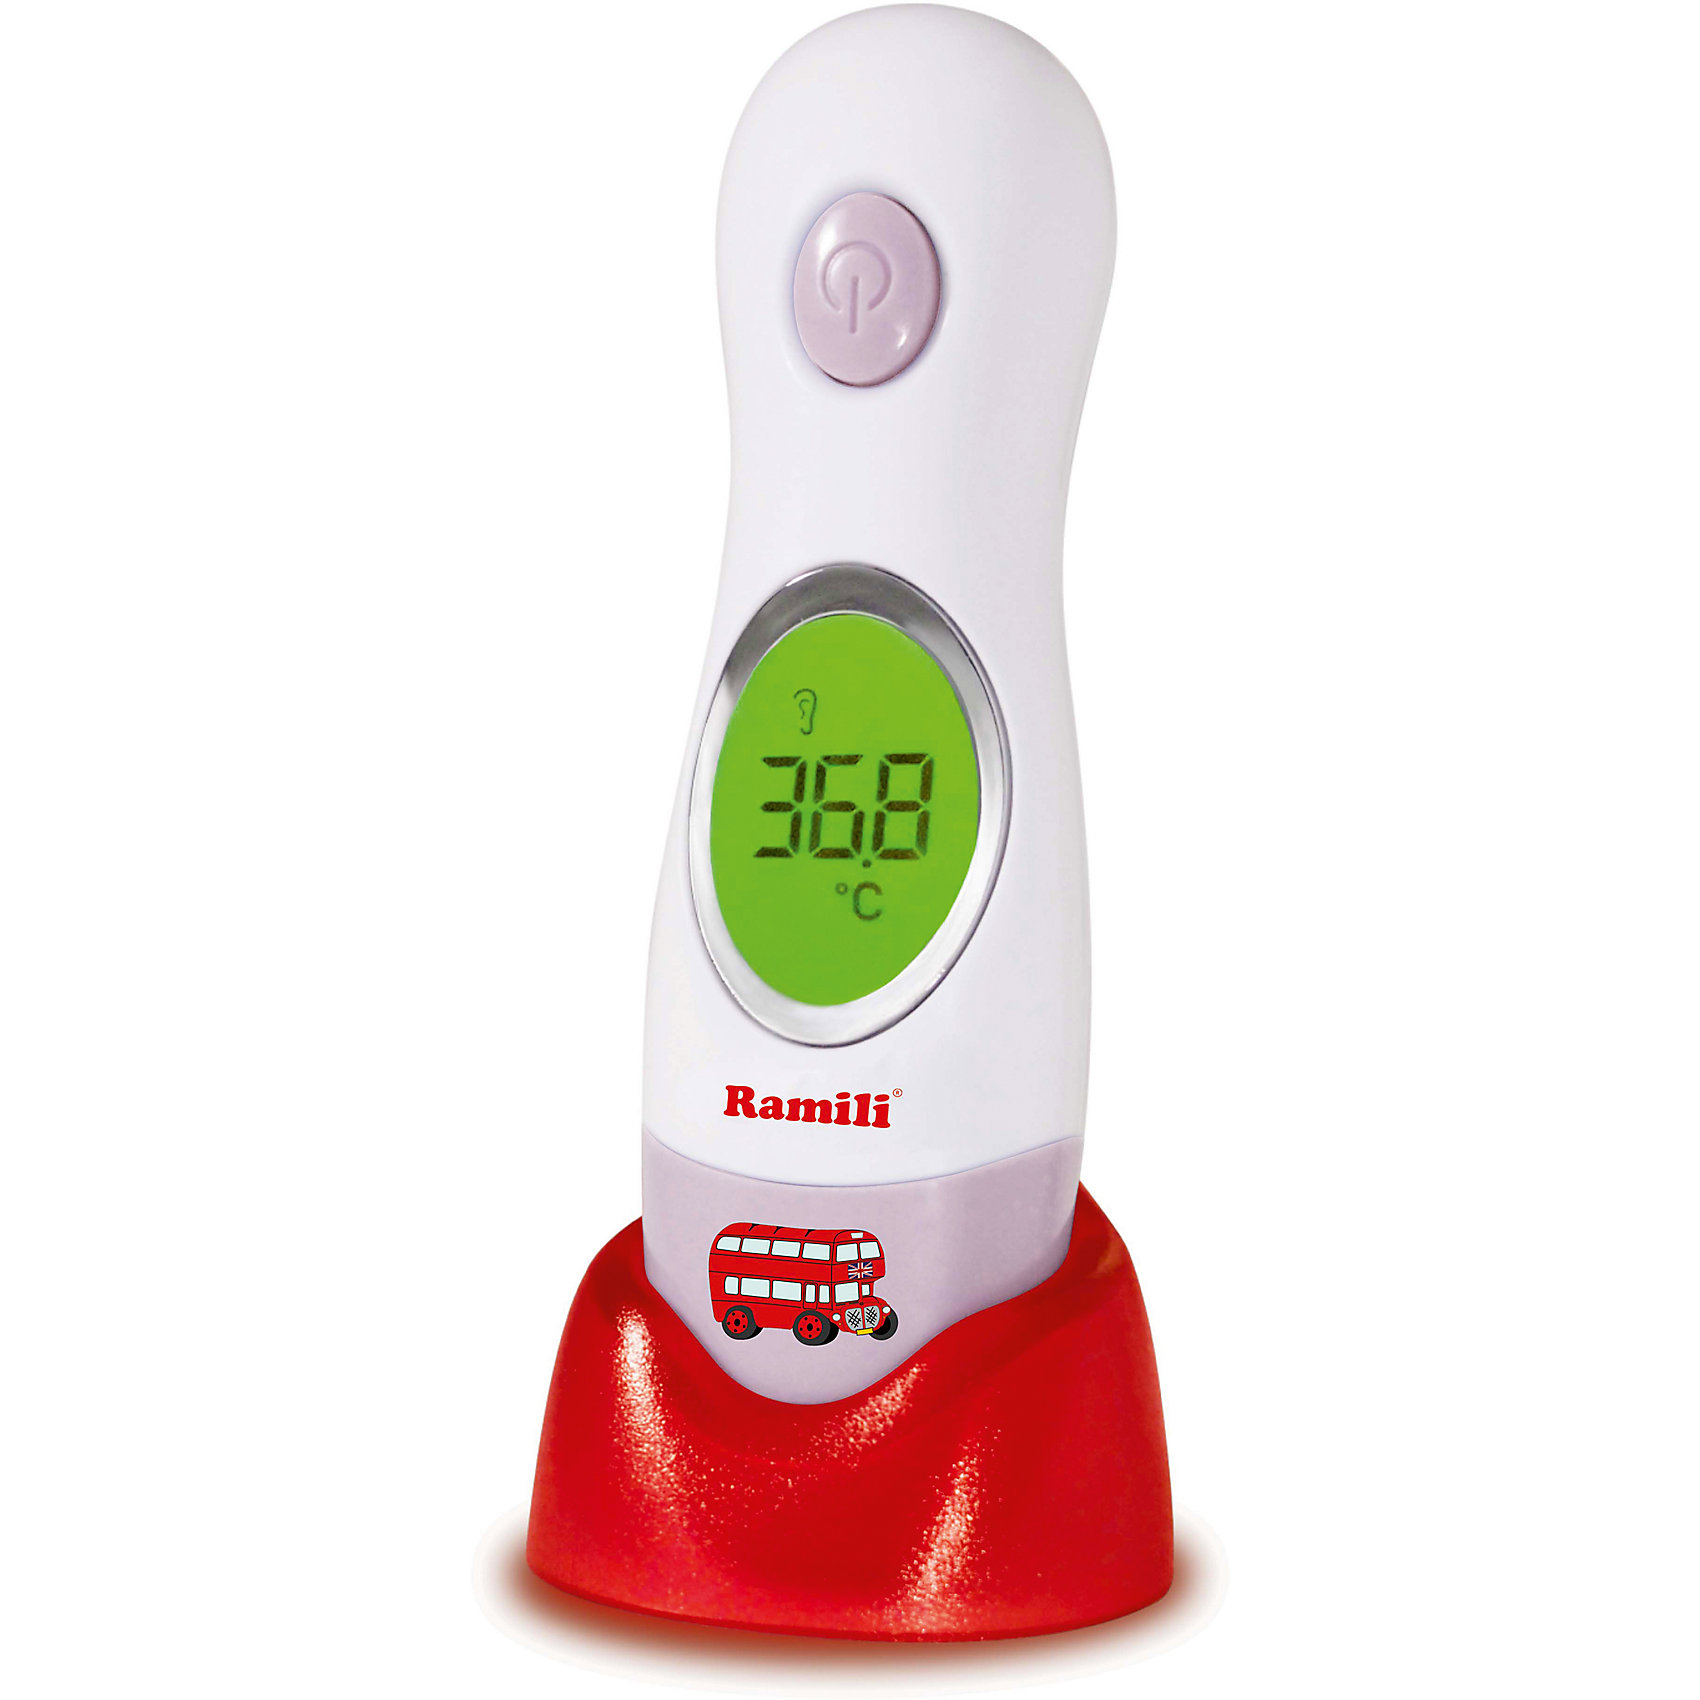 Ramili Инфракрасный ушной и лобный термометр ET3030 4 в 1, Ramili термометр b well wf 2000 лобный инфракрасный